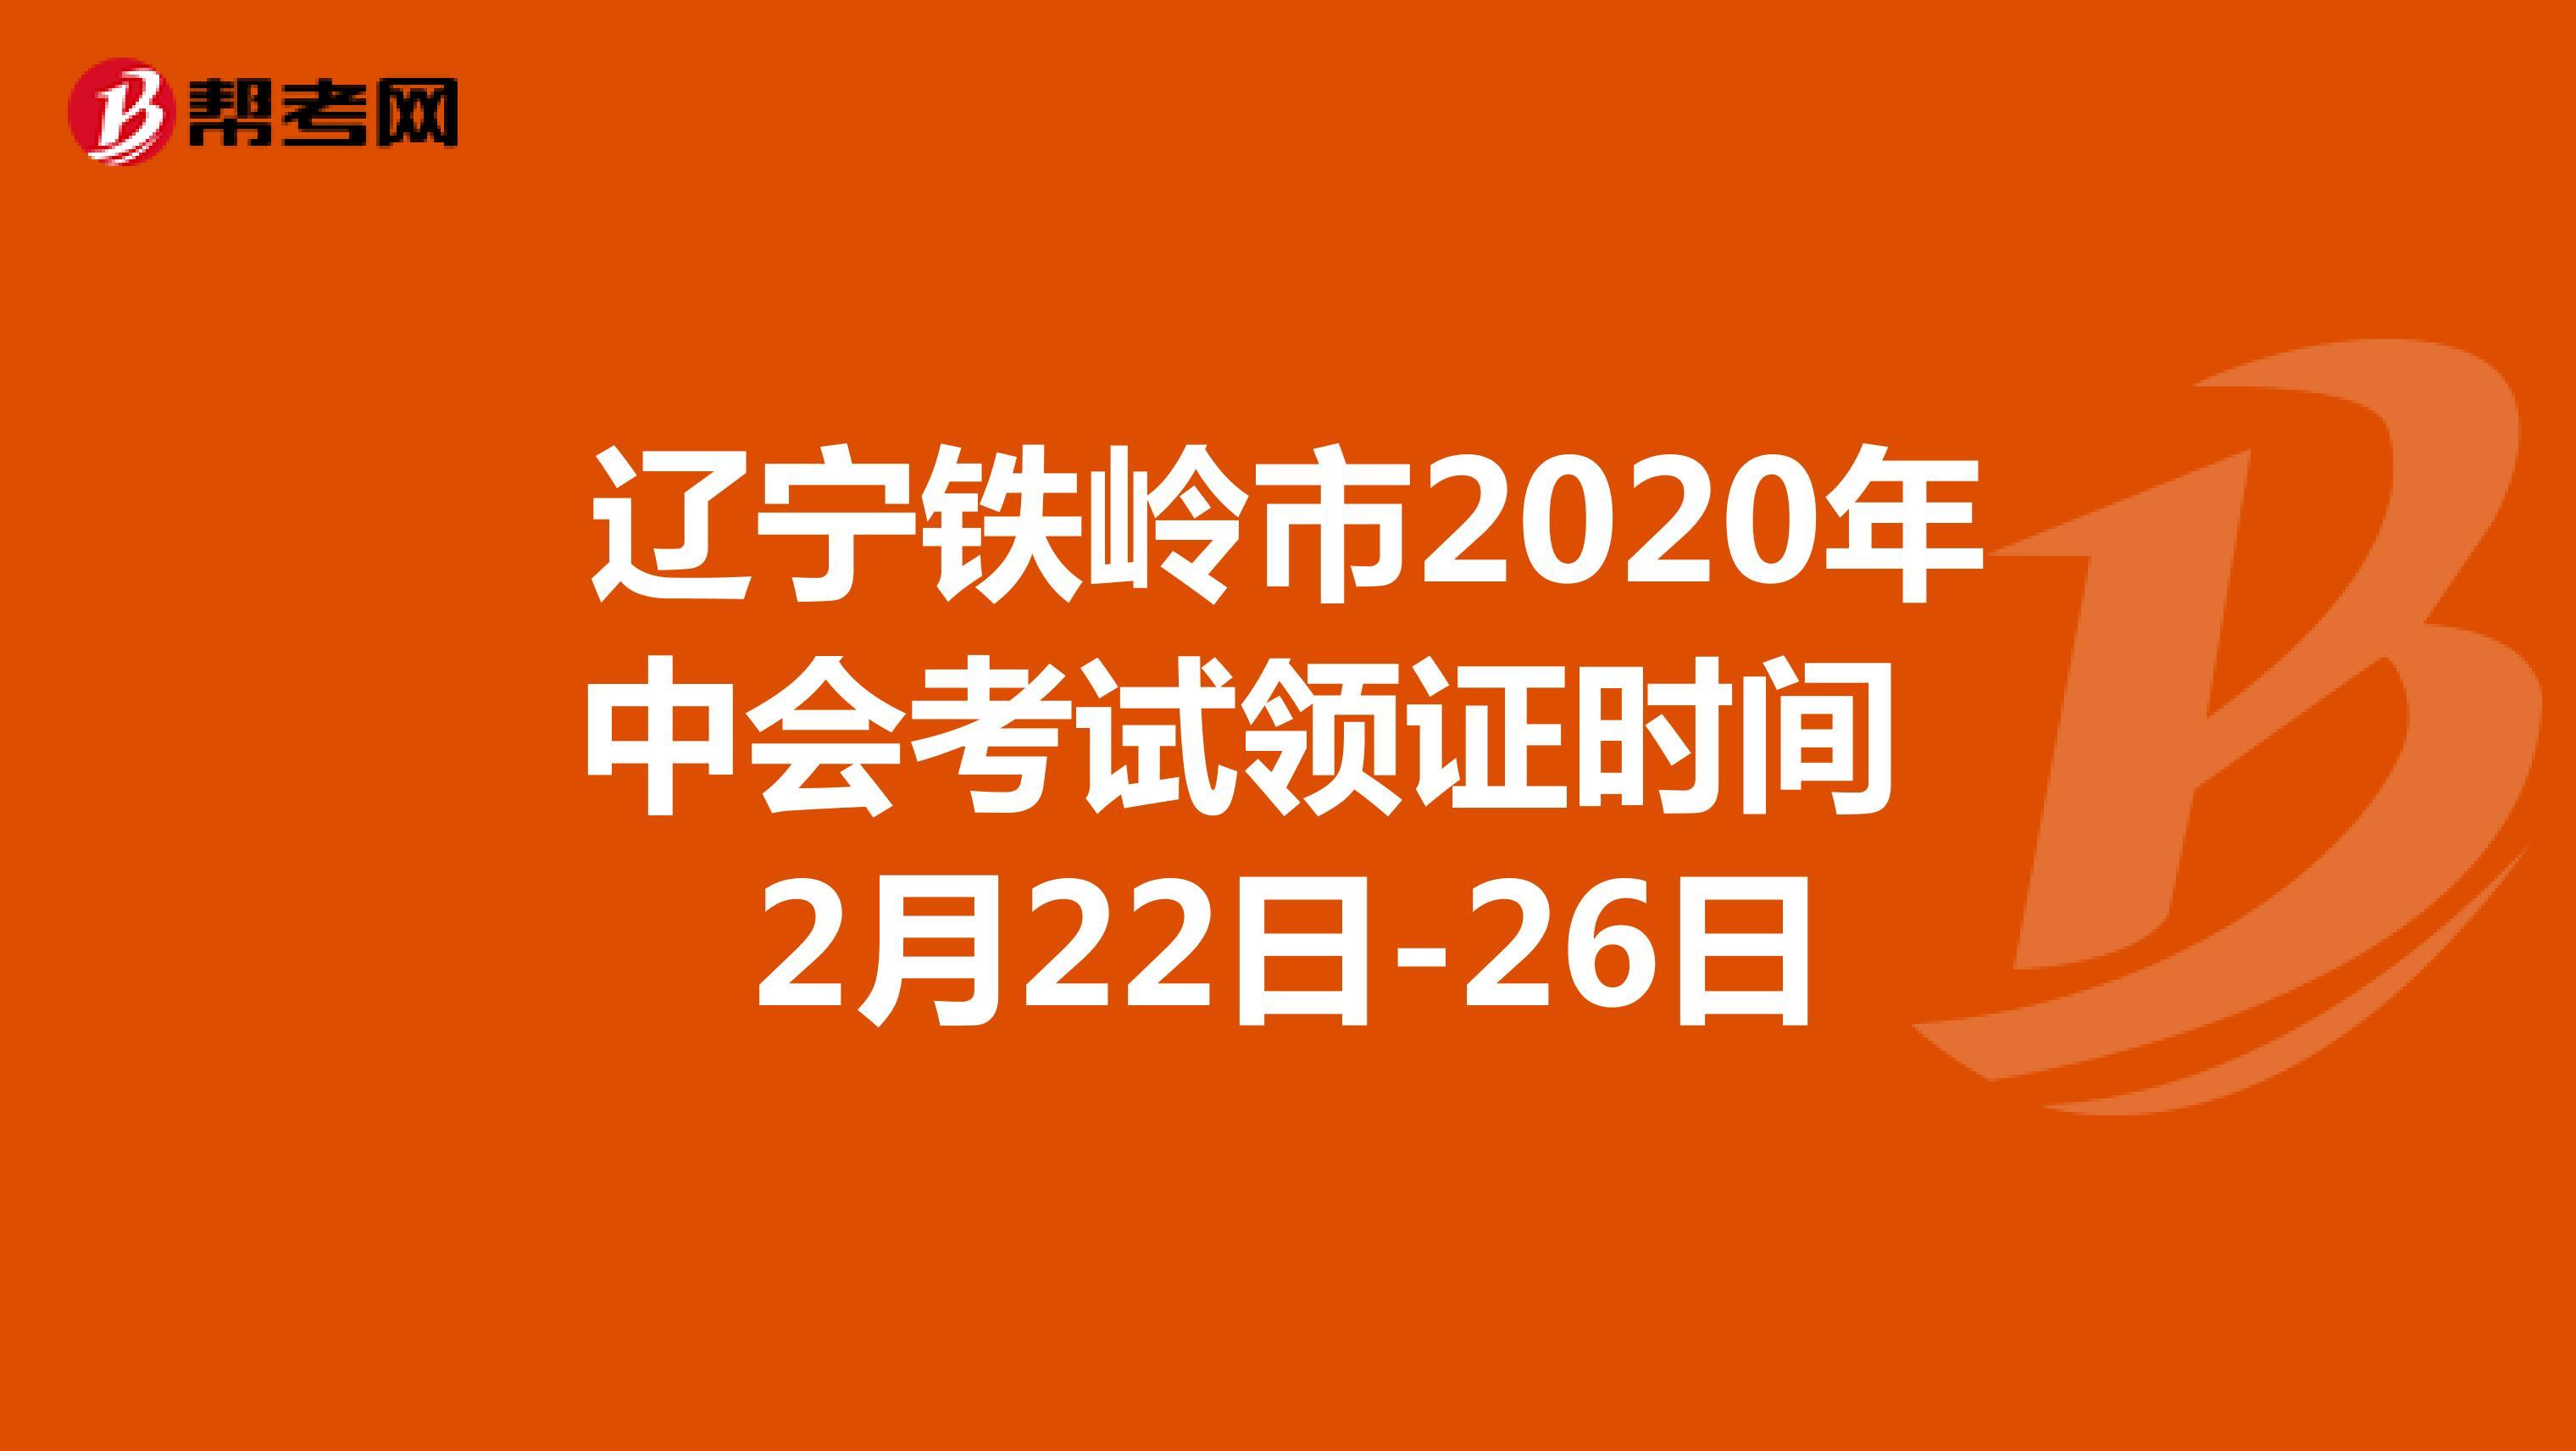 辽宁铁岭市2020年中会考试领证时间:2月22日-26日